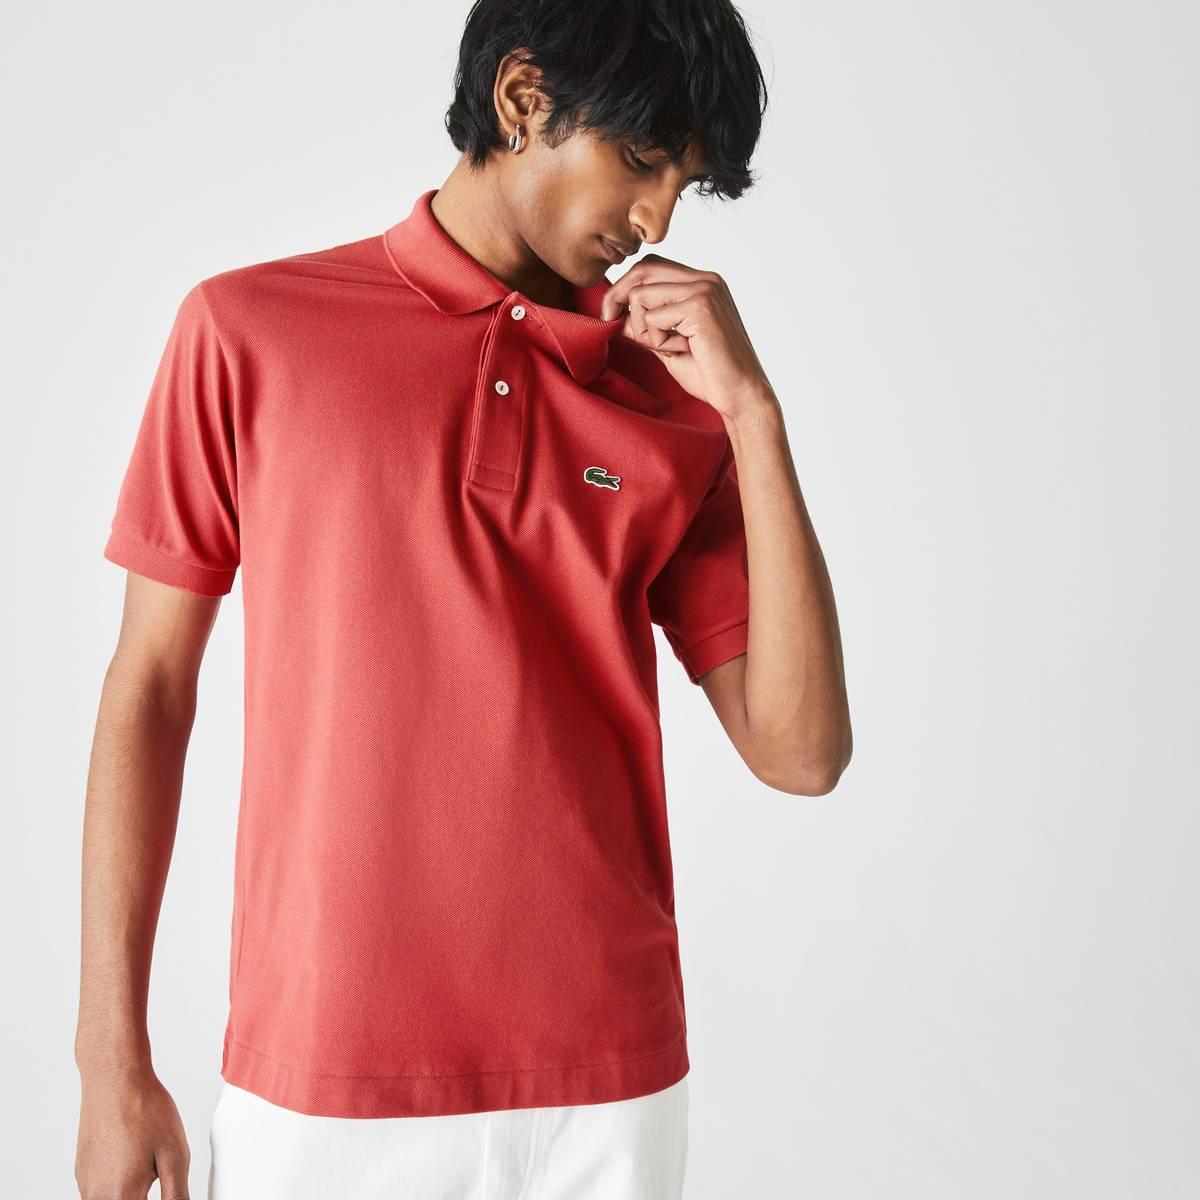 Lacoste Polo Shirt - Fersken